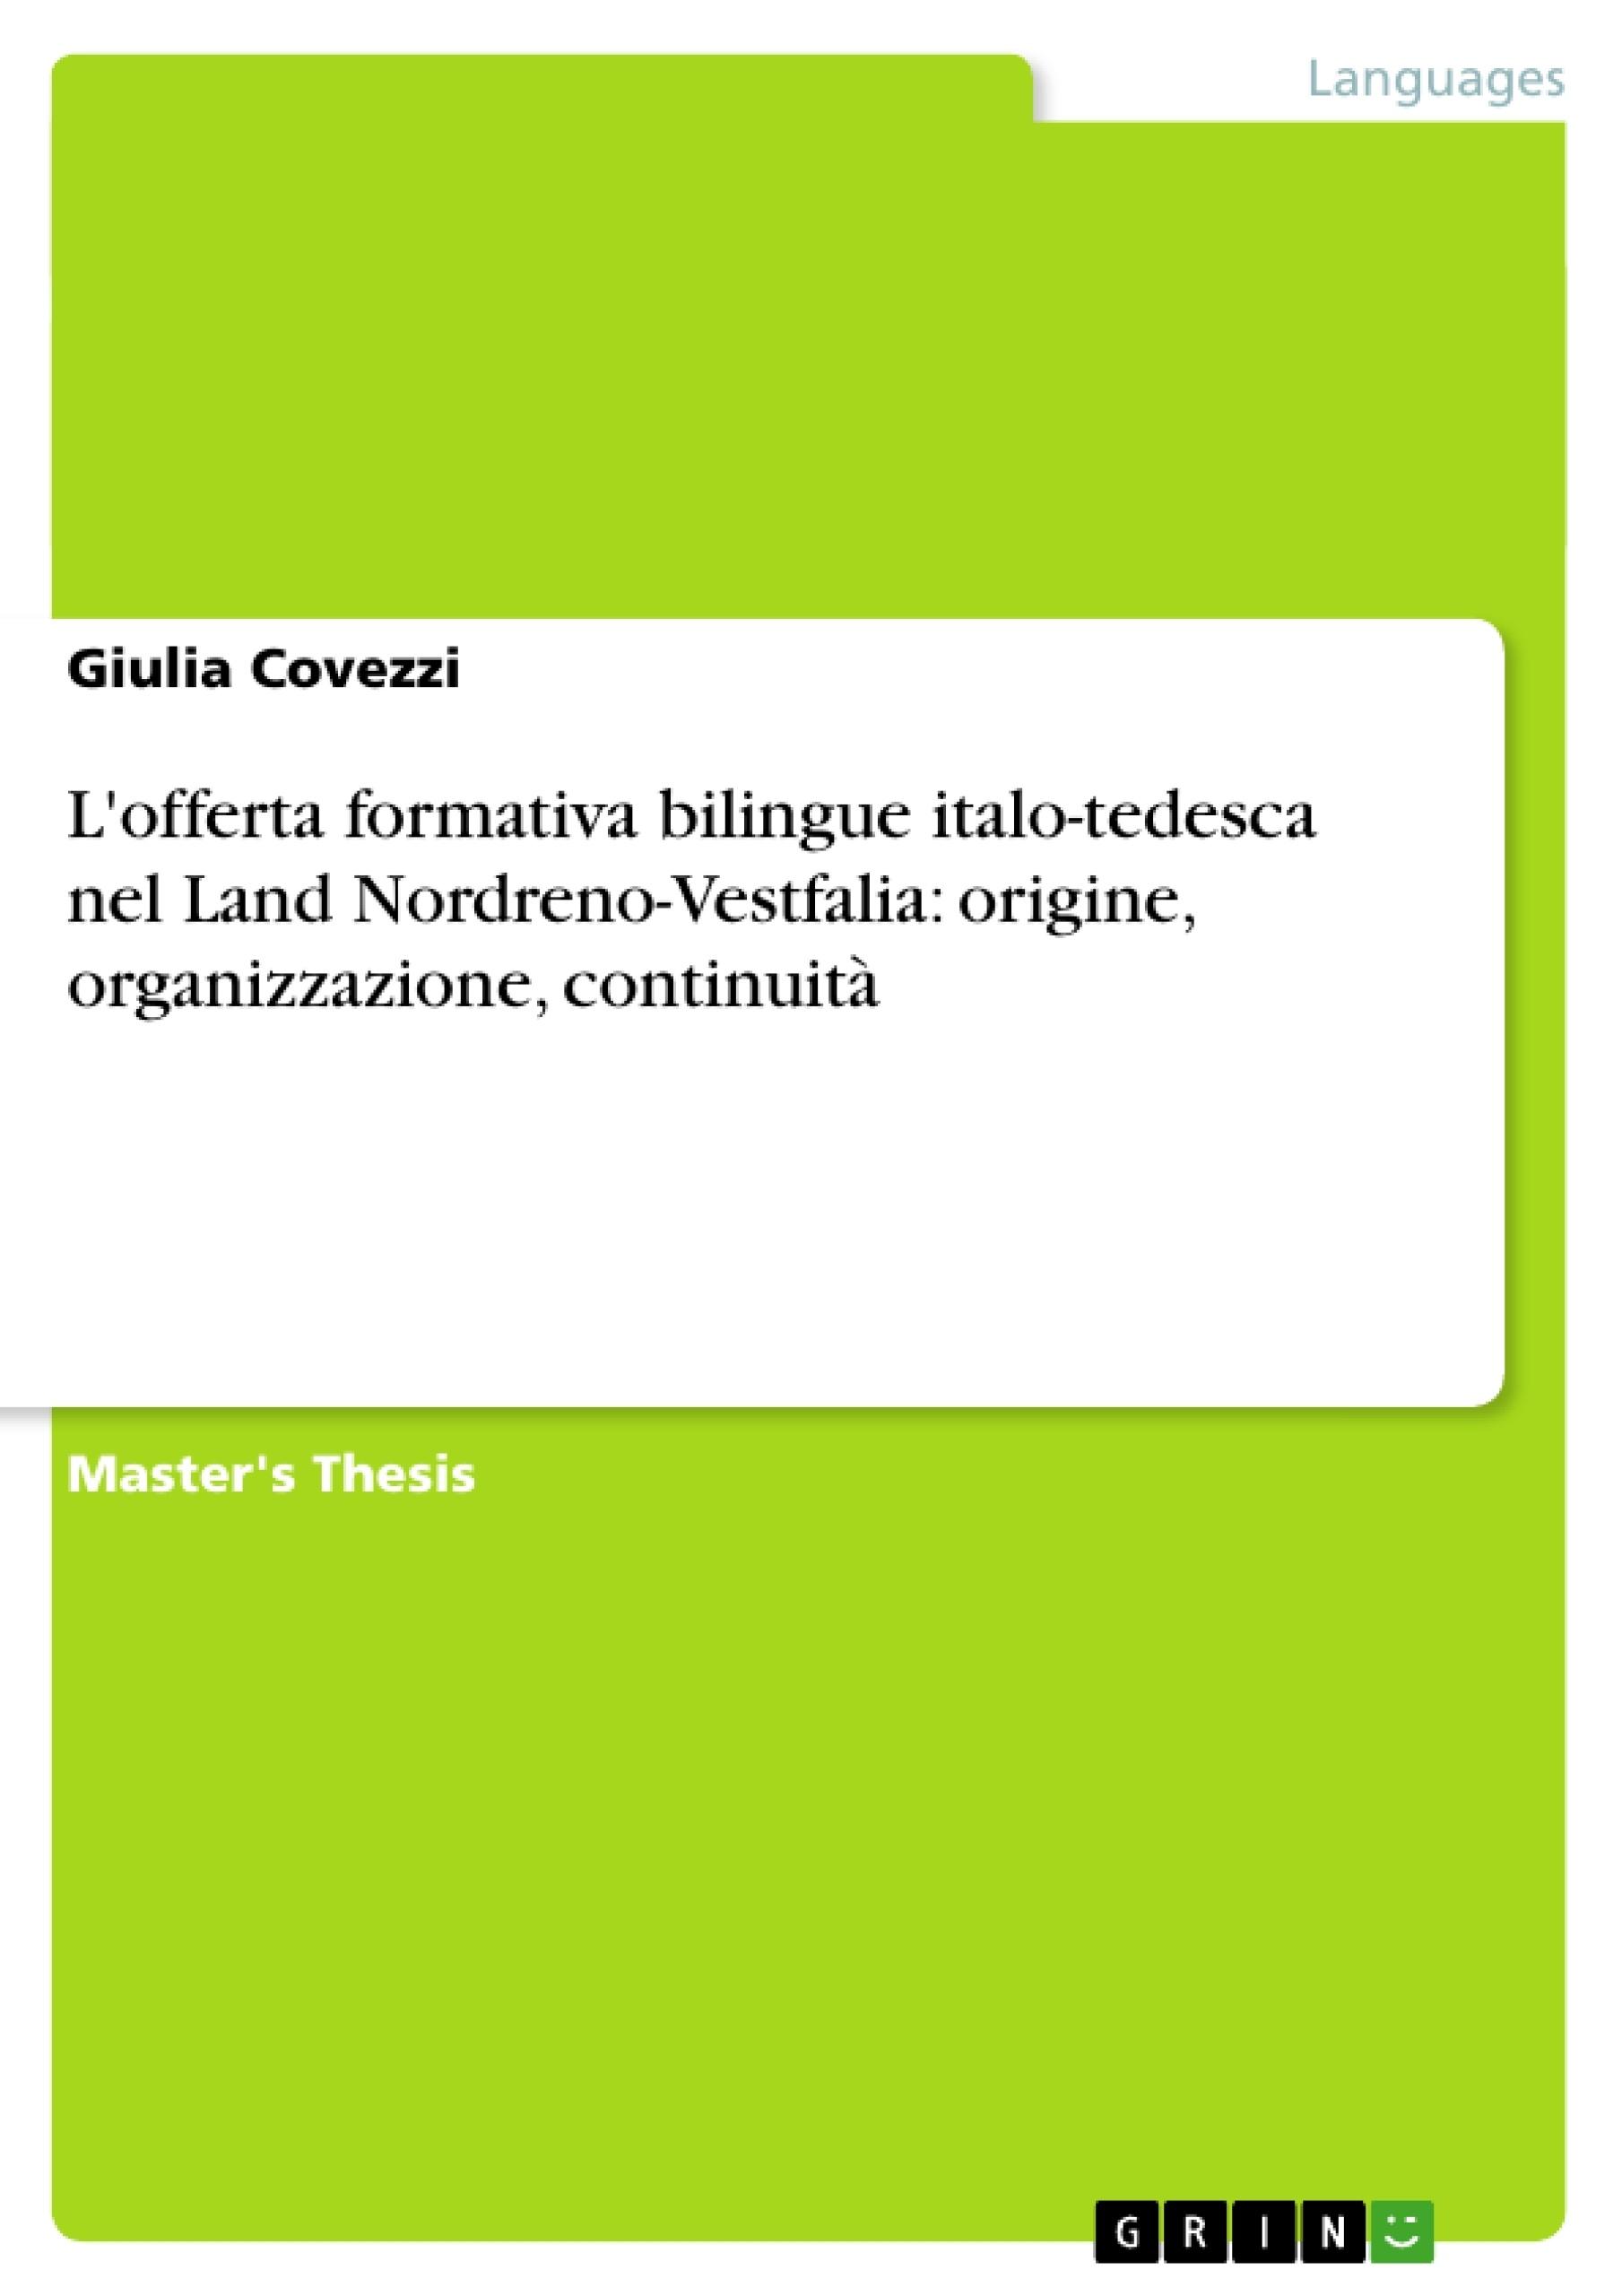 Title: L'offerta formativa bilingue italo-tedesca nel Land Nordreno-Vestfalia: origine, organizzazione, continuità